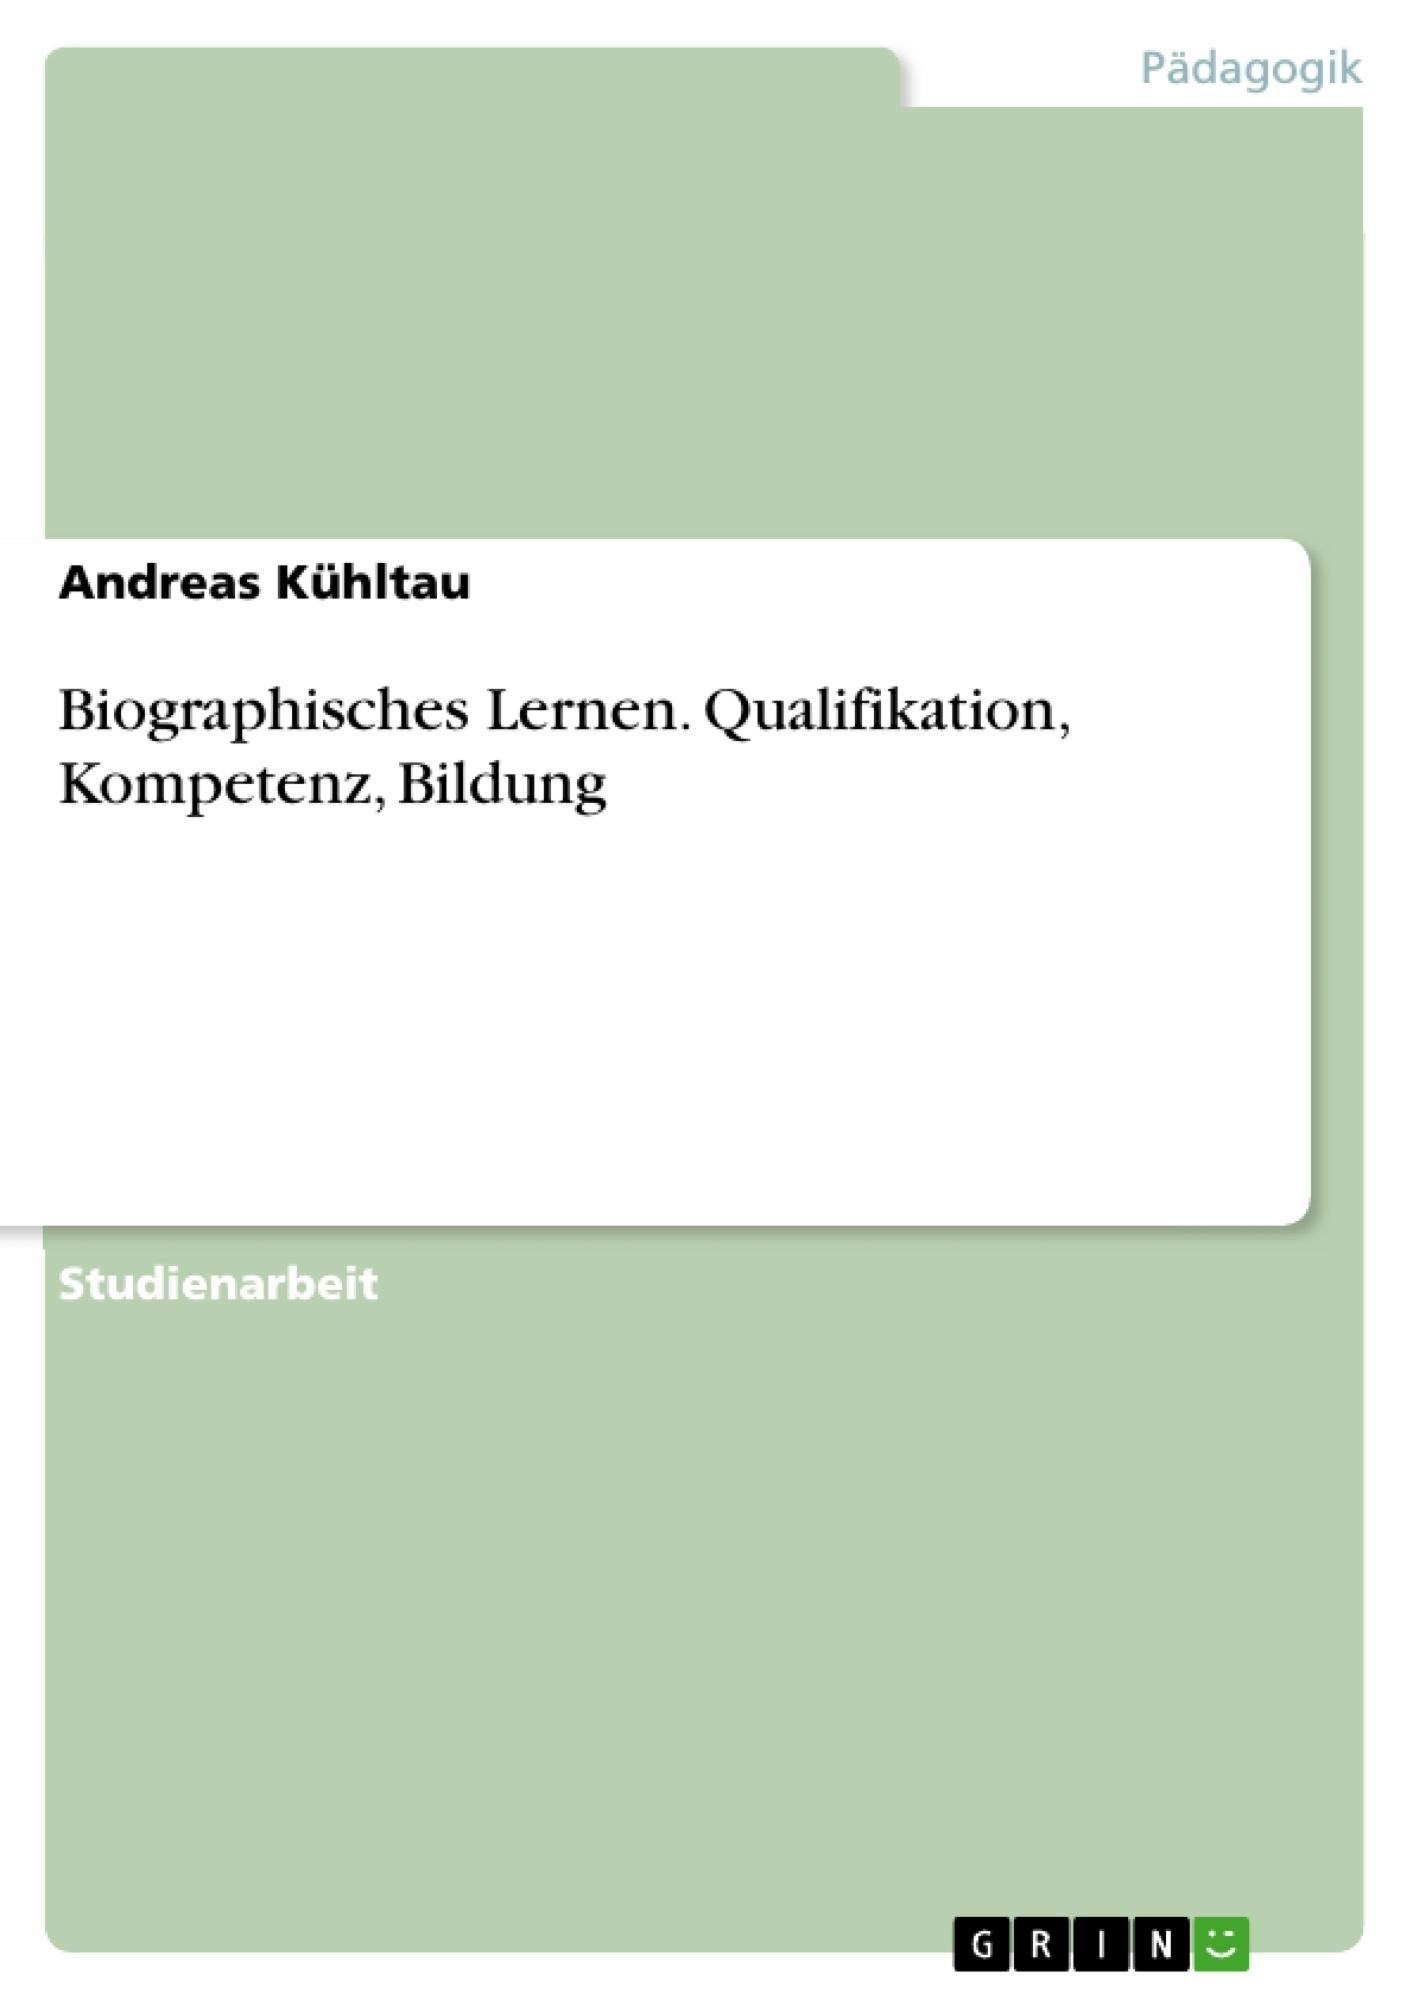 Titel: Biographisches Lernen. Qualifikation, Kompetenz, Bildung